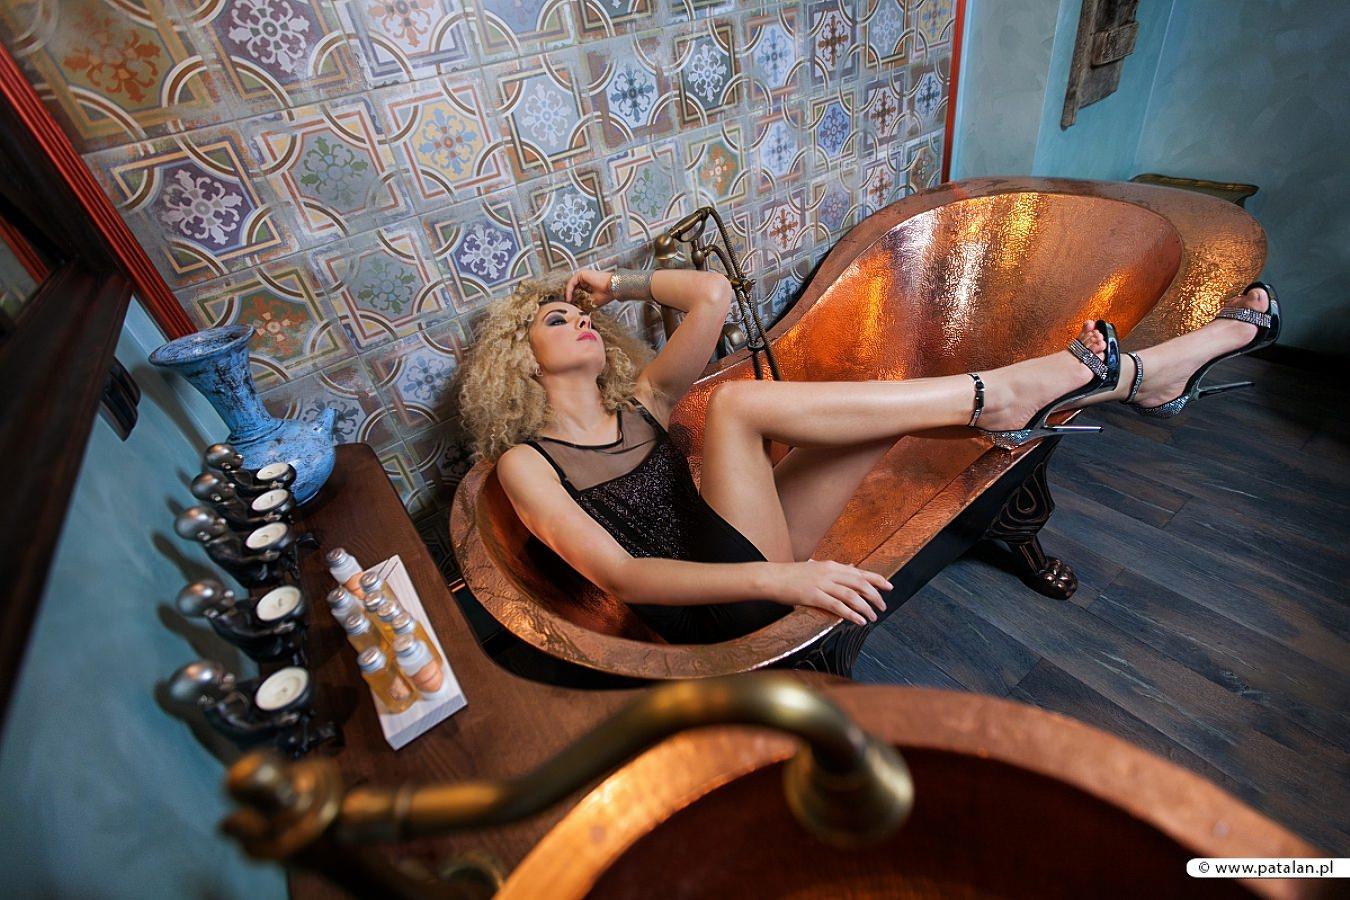 golden pixel studio, stylizowana wanna, miedziana wanna sesja, stylizowana sesja zdjęciowa, modelka z   kręconymi włosami, buduarowe zdjęcia, fotograf zambrów